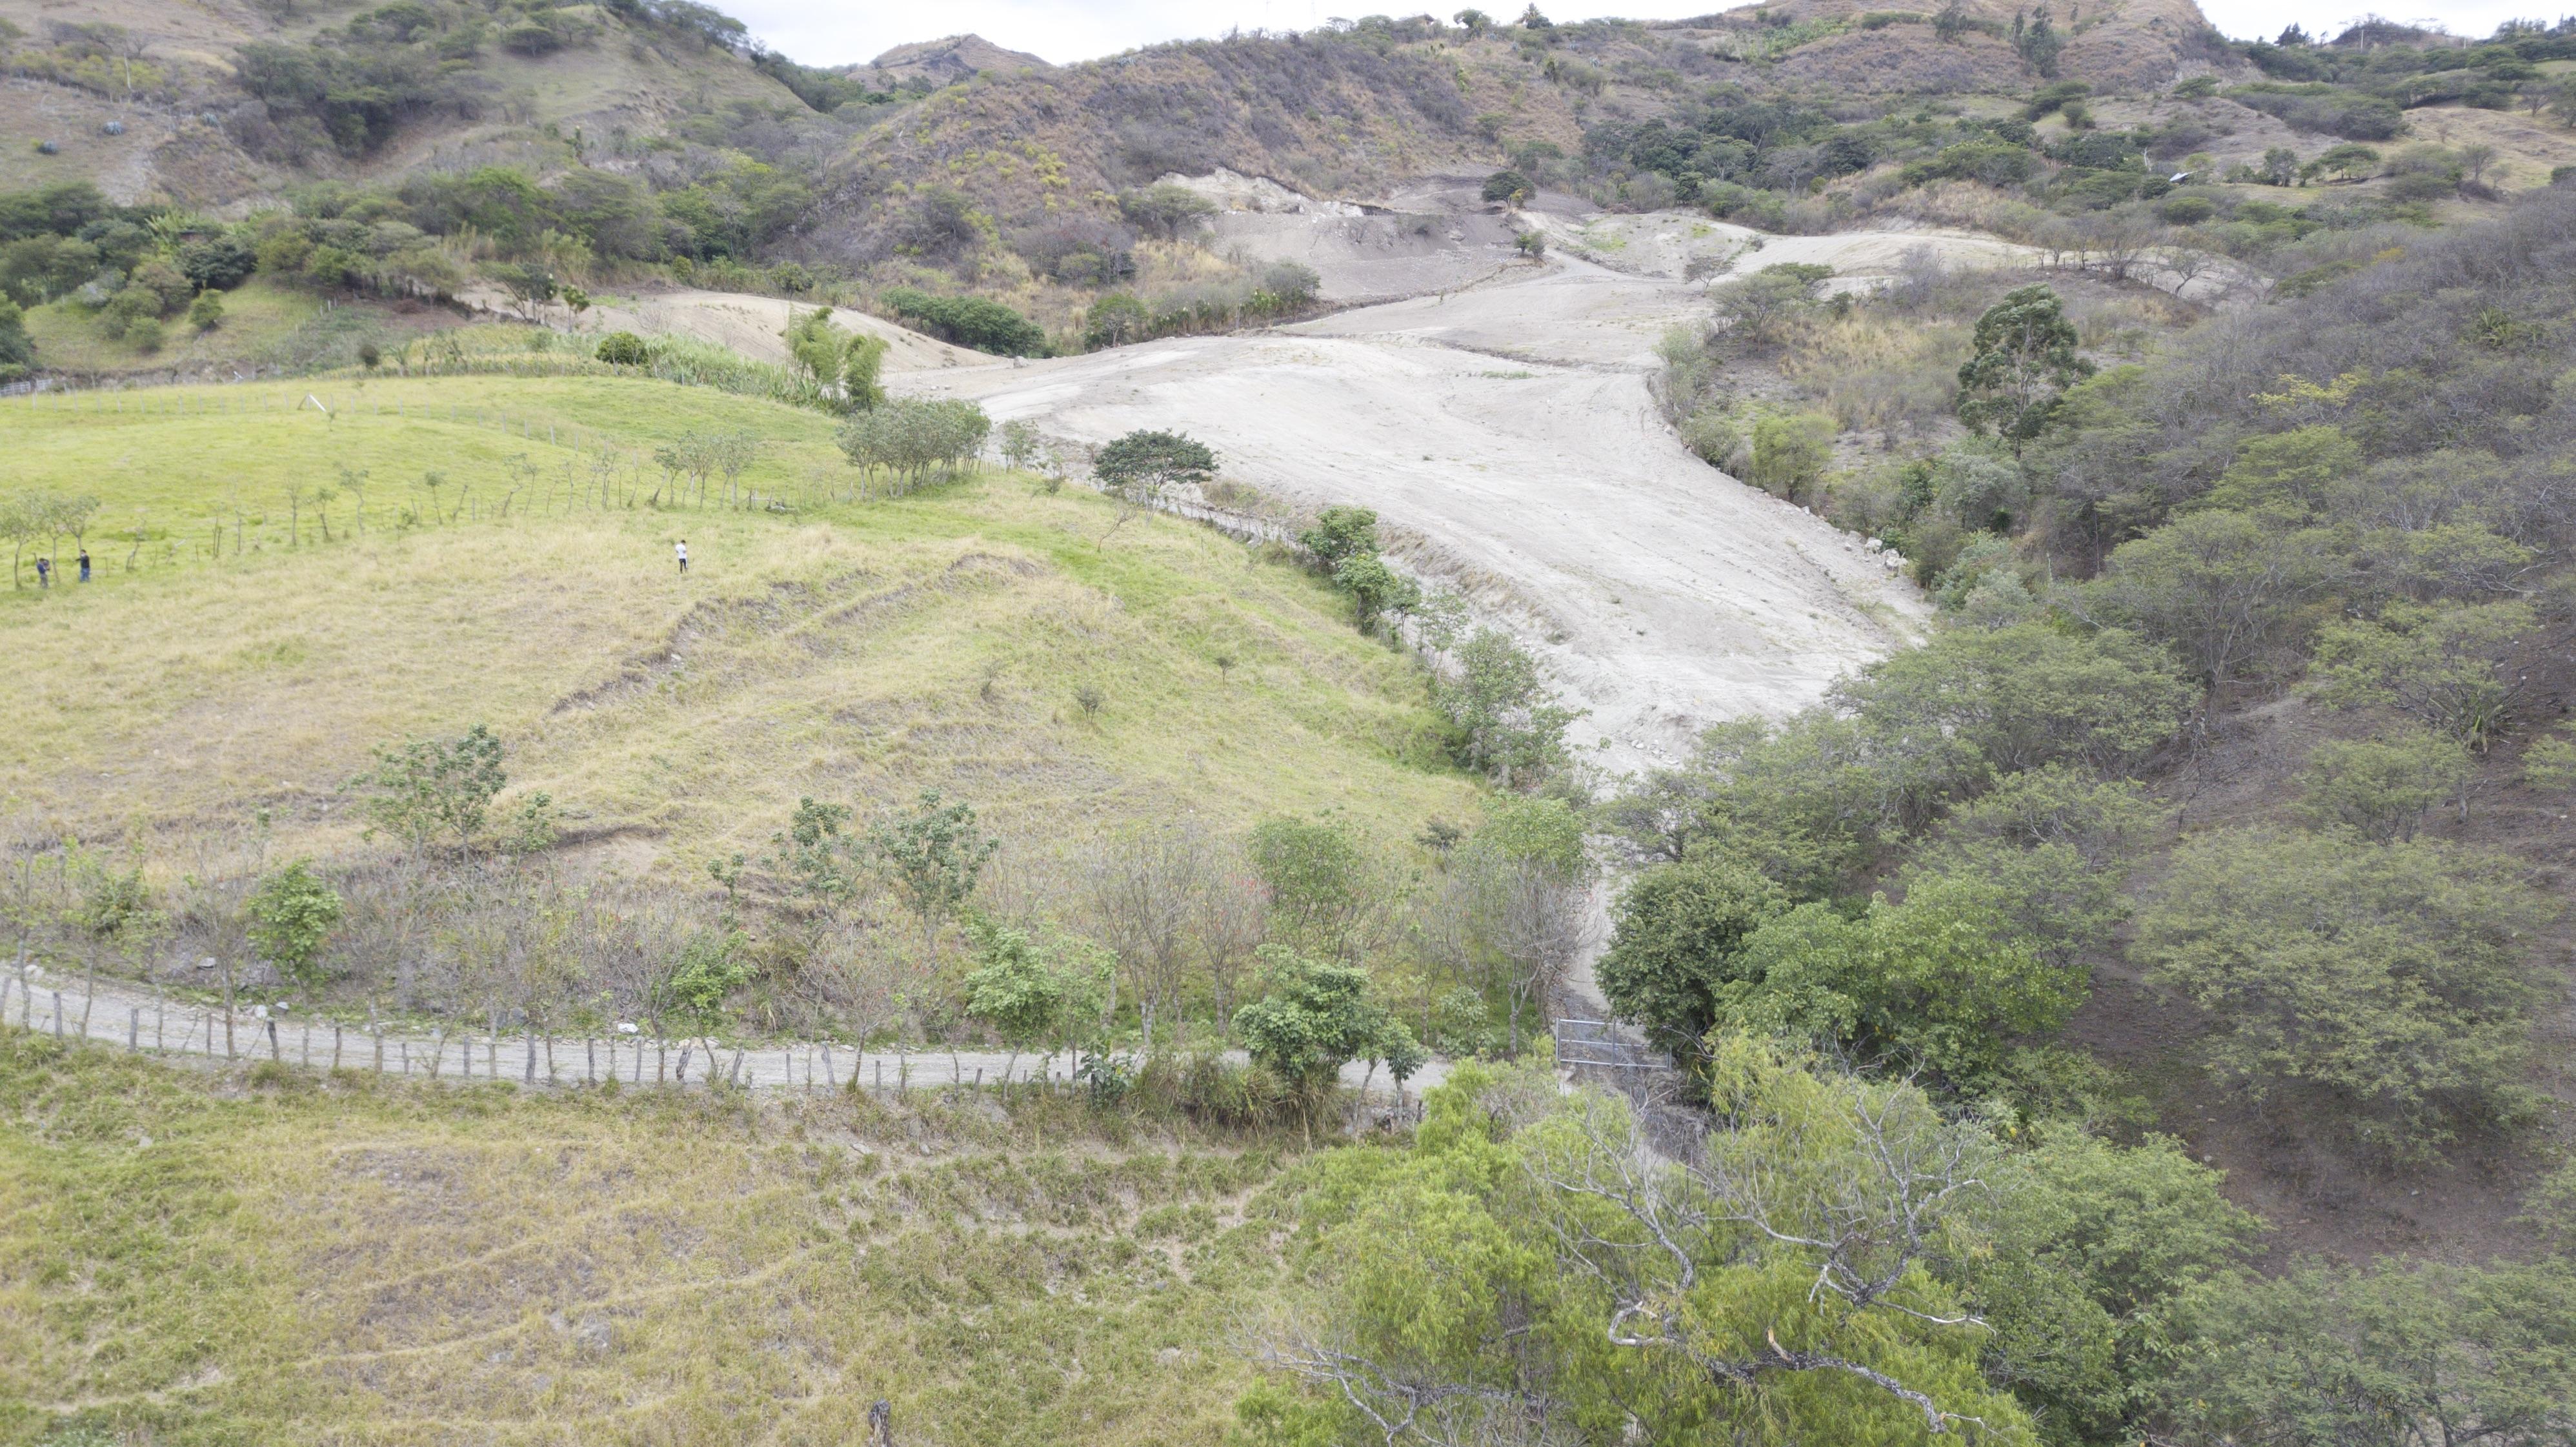 SUR ECUADOR INMOBILIARIA & CONSTRUCTORA